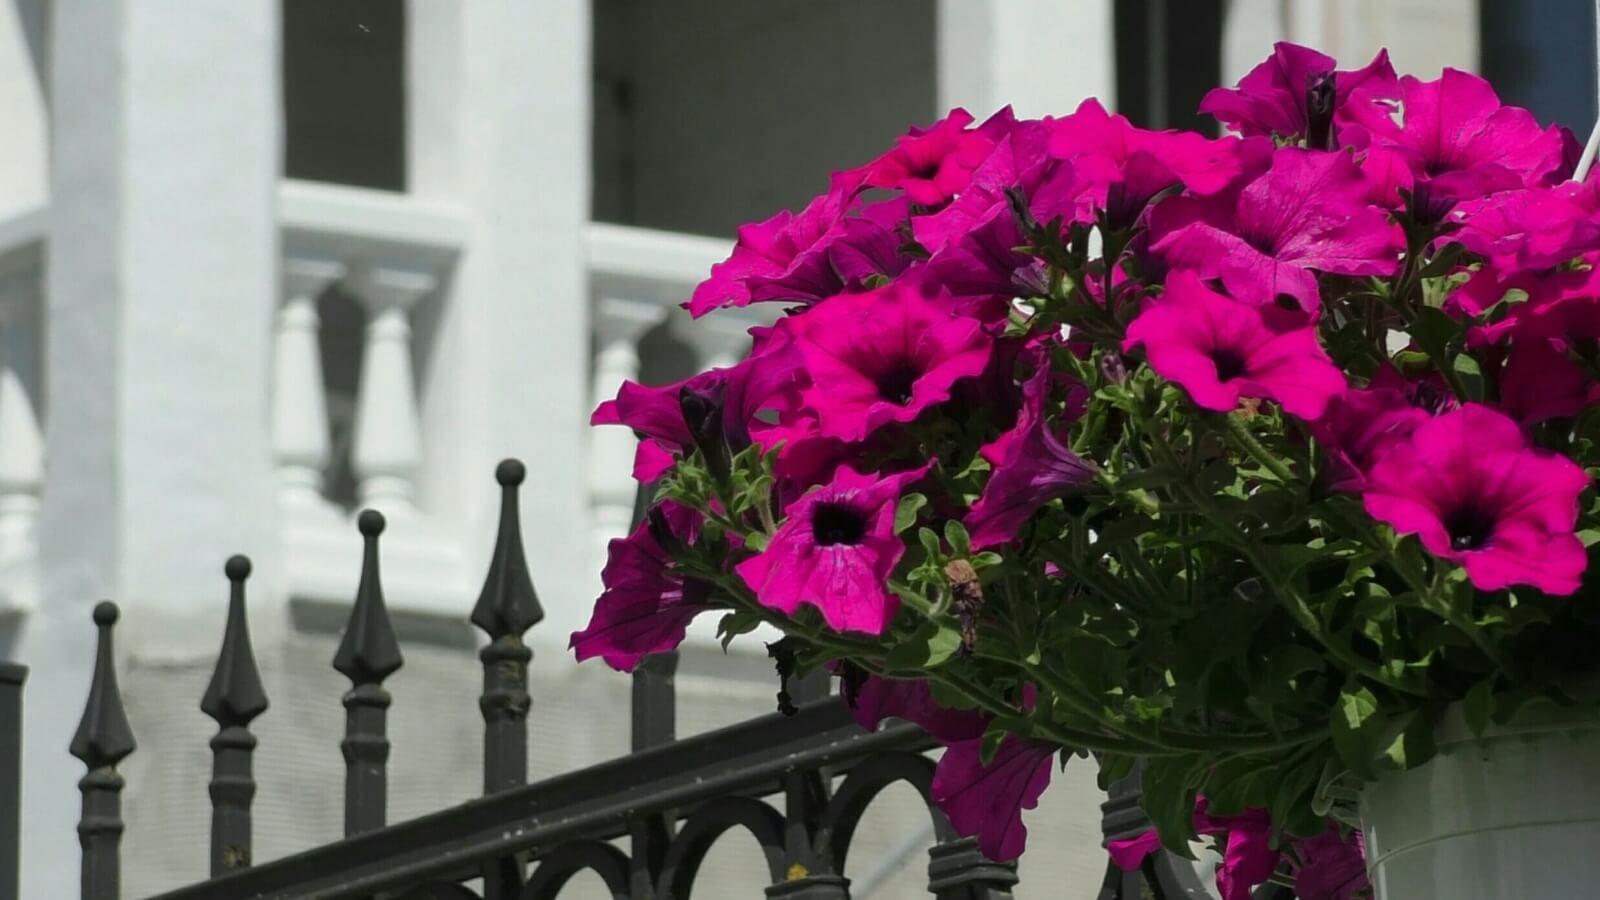 Bild von Zaun mit Blumen geschmückt